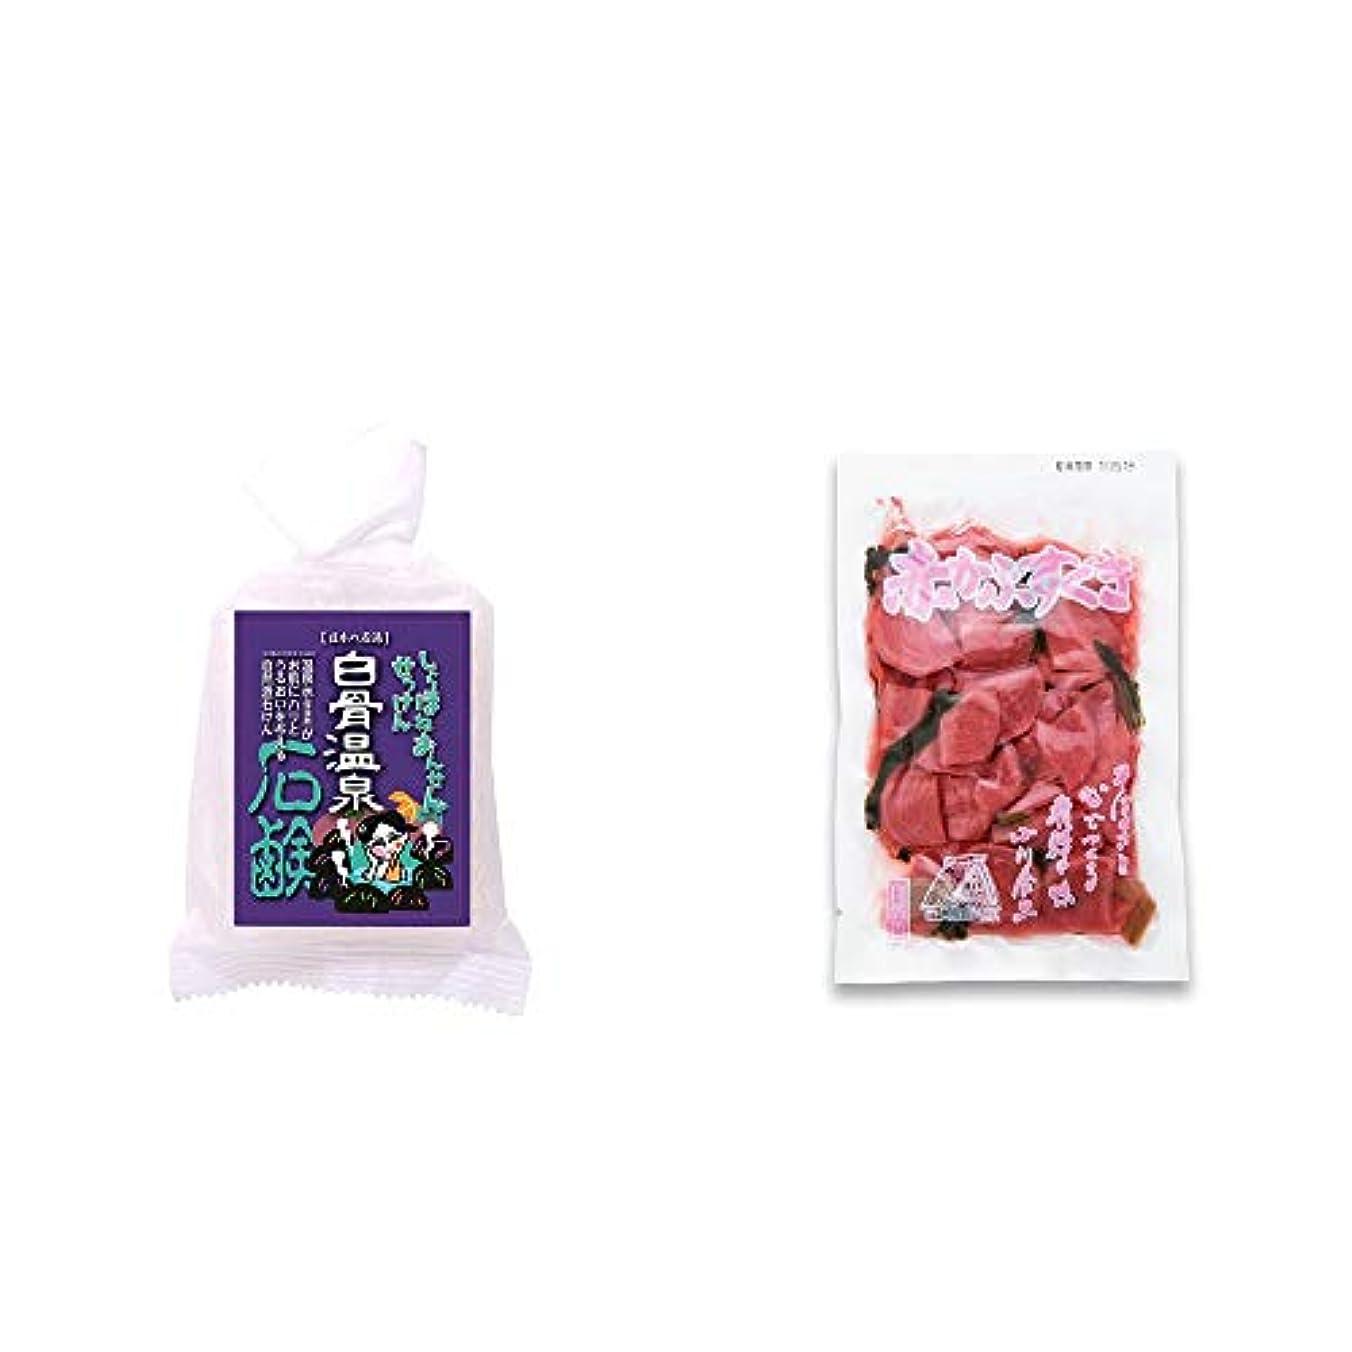 等価登る伝統[2点セット] 信州 白骨温泉石鹸(80g)?赤かぶすぐき(160g)